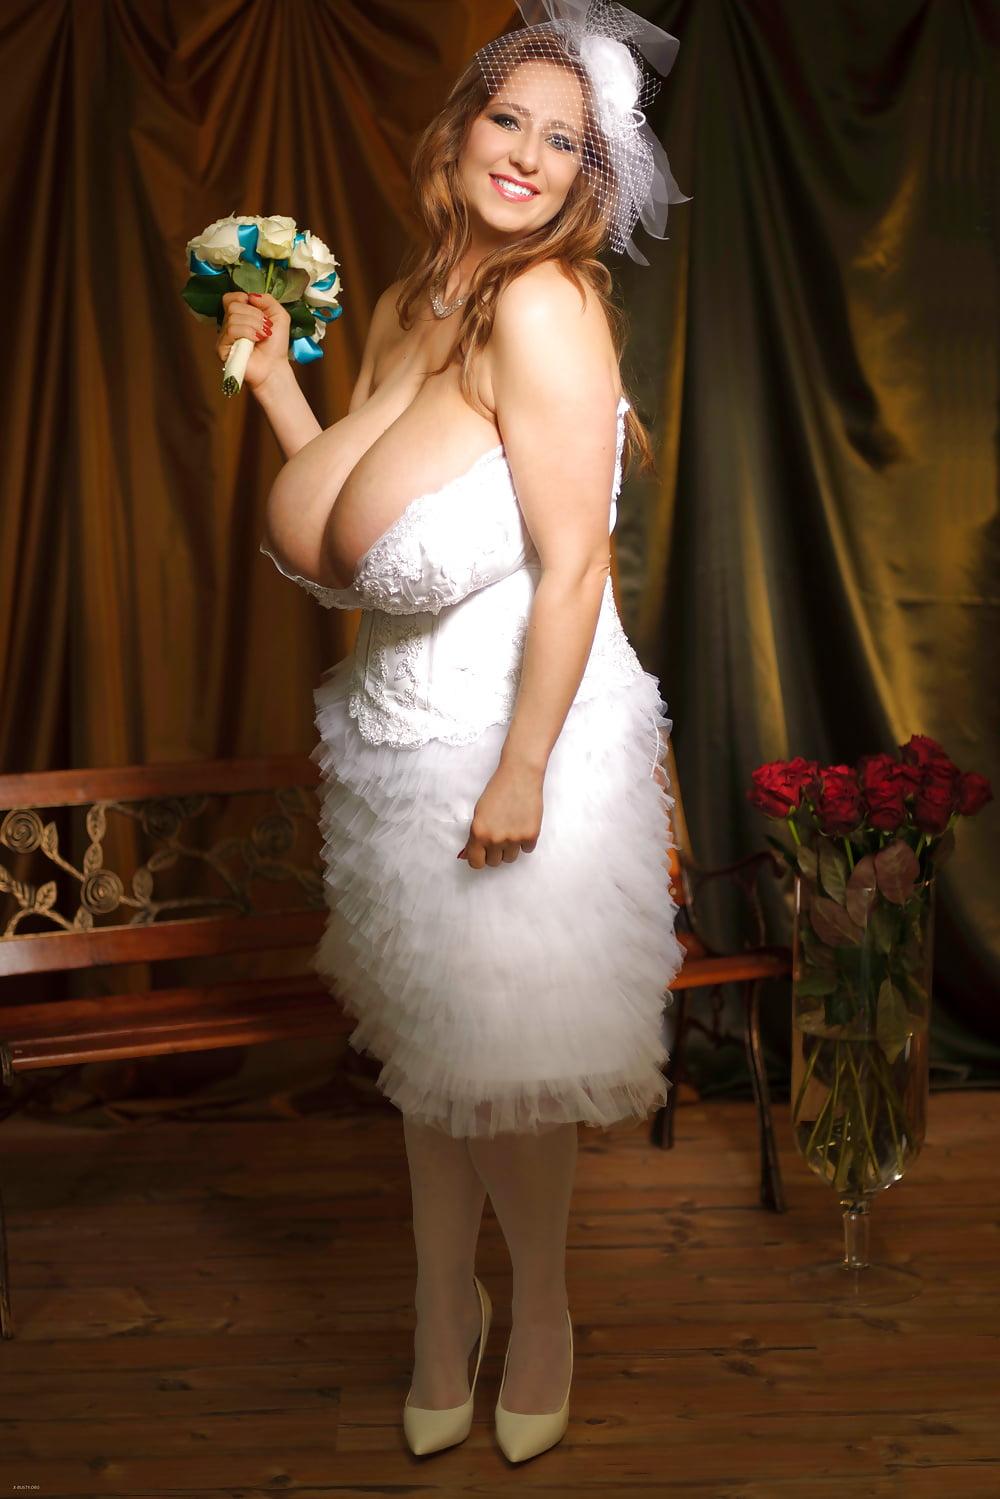 большие сиськи у невесты что, напиваюсь